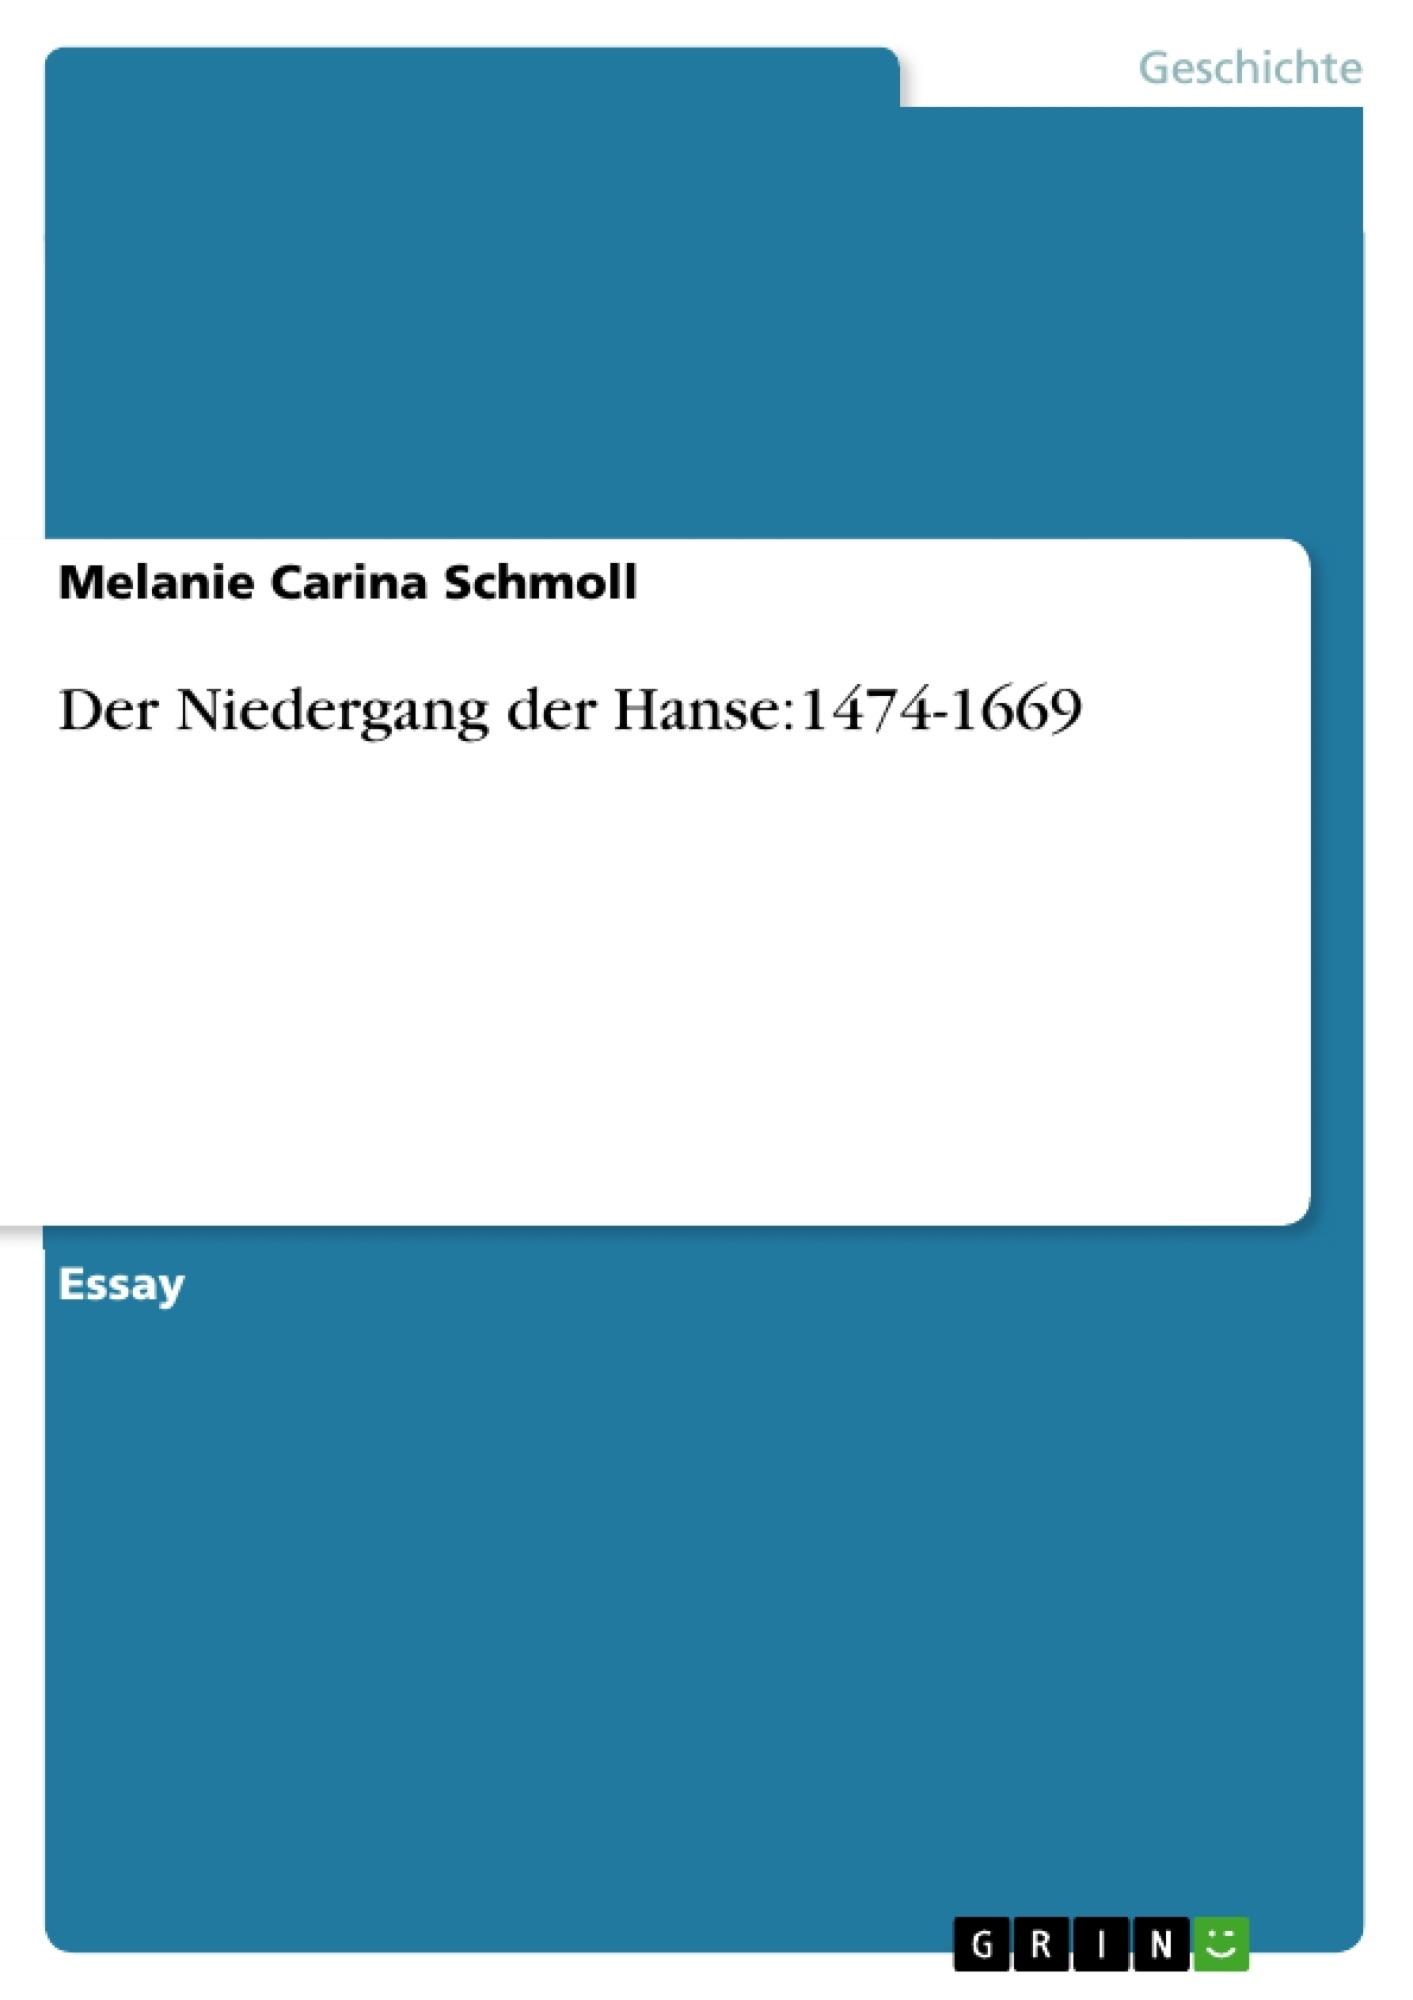 Titel: Der Niedergang der Hanse:1474-1669